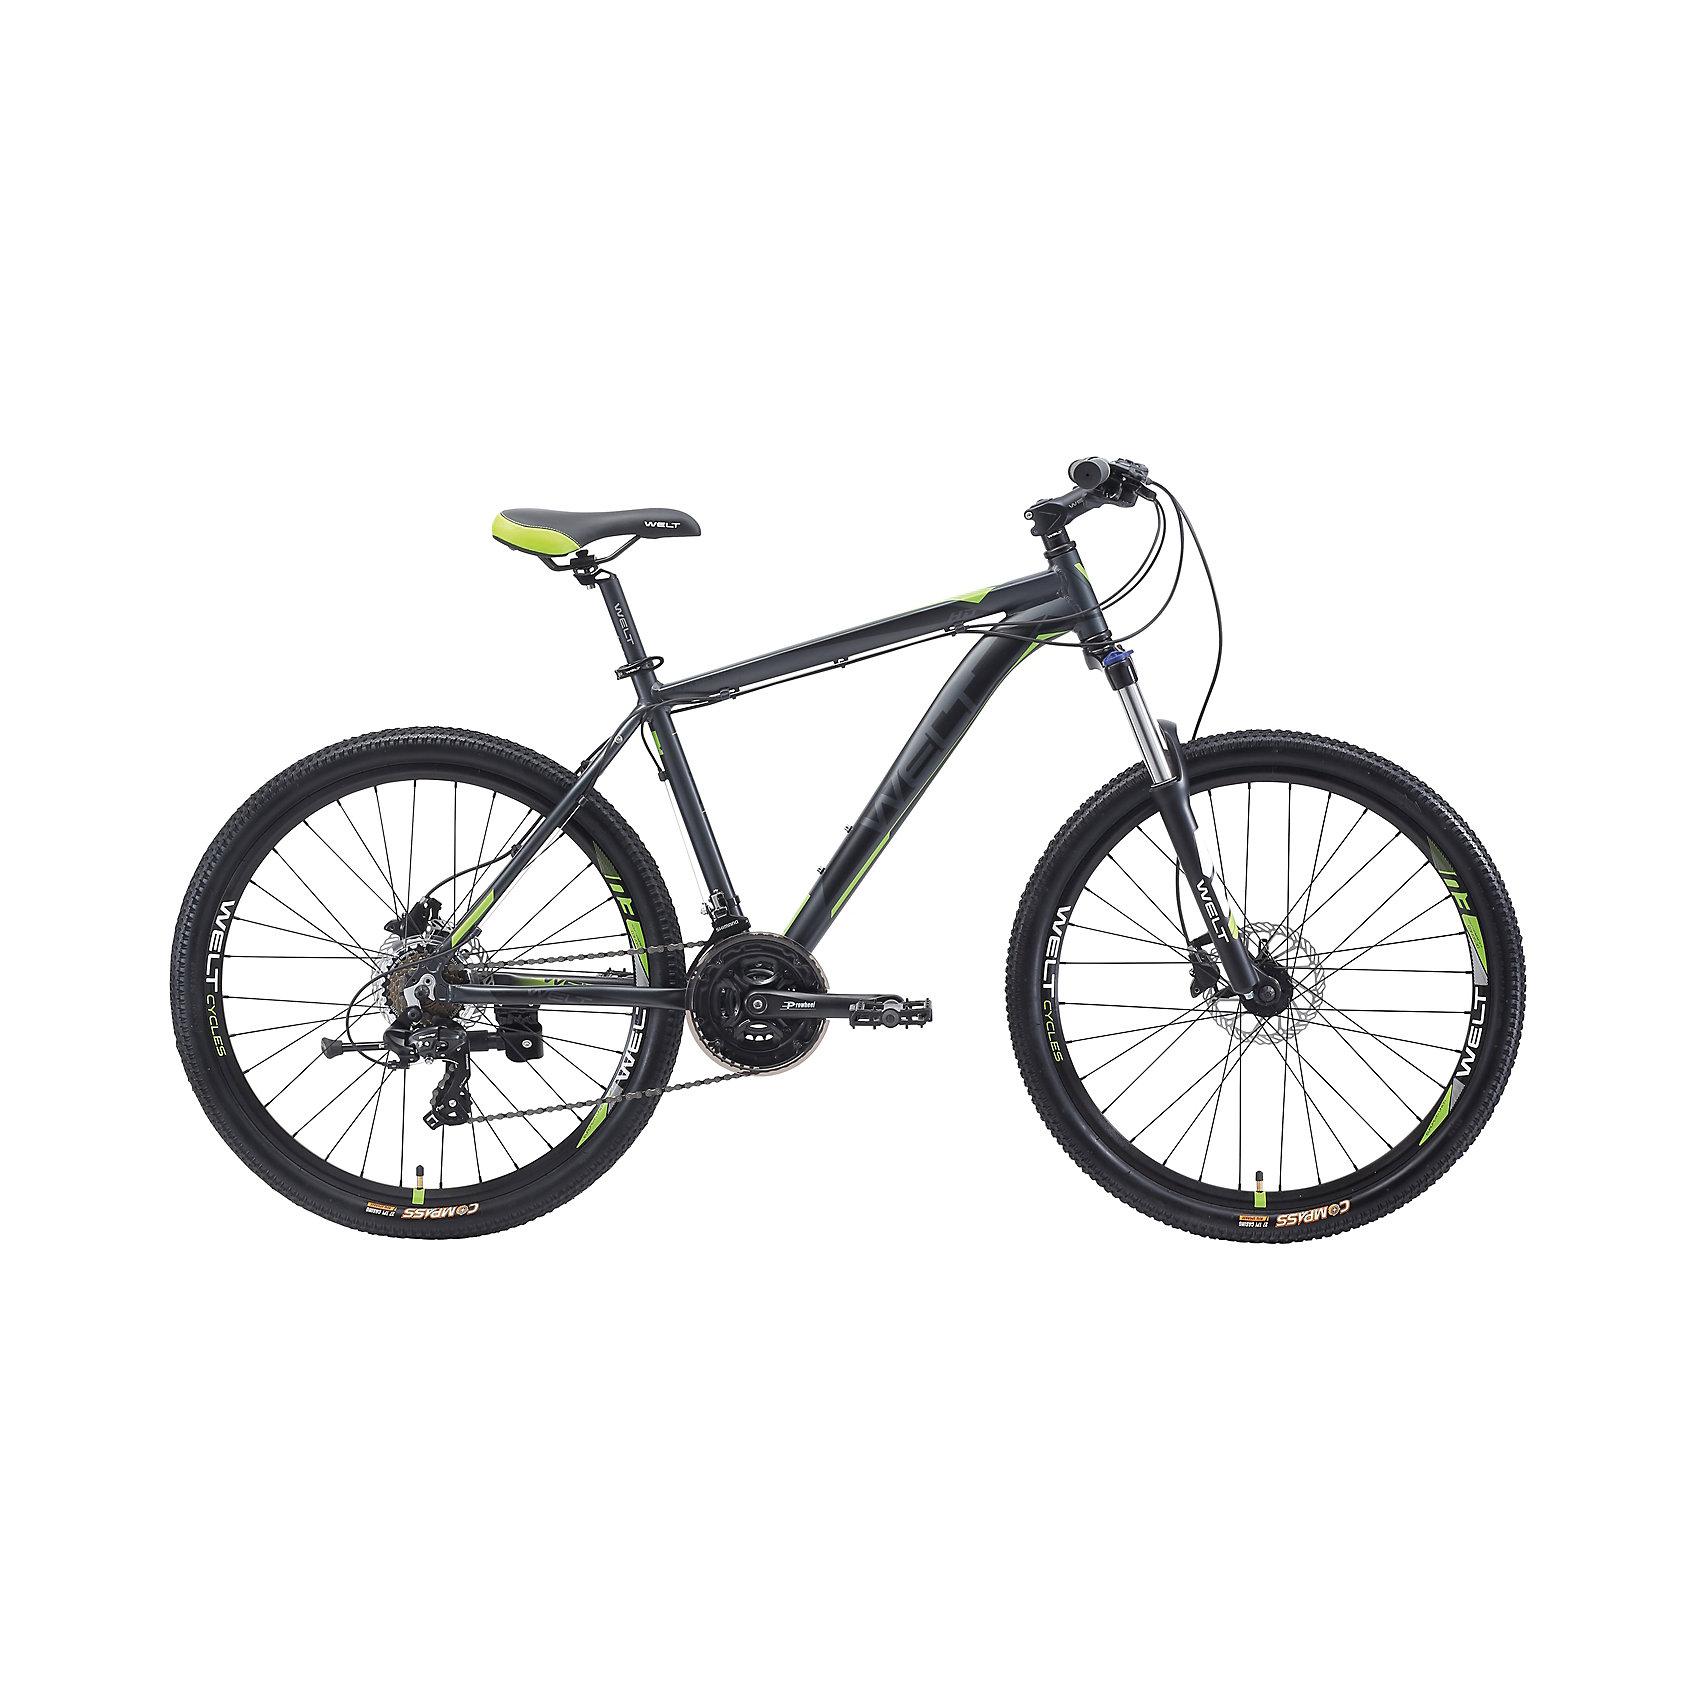 Велосипед  Ridge 1.0 HD, 20 дюймов, серо-зеленый, WeltВелосипеды детские<br>Характеристики товара:<br><br>• цвет: серый, зеленый<br>• возраст: от 8 лет<br>• механические тормоза<br>• цельнолитая контрукция вилки, ход 100мм<br>• подножка<br>• диаметр колес: 20<br>• кол-во скоростей: 21<br>• вилка: Suntour XCT HLO 100mm (амортизационная)<br>• переключатель задний : Shimano TY-300<br>• переключатель передний: Shimano TZ-30<br>• шифтеры: Shimano EF-51<br>• тип тормозов: V-brake<br>• тормоза: Alloy YX-122<br>• система:  Prowheel alloy 42/34/24 <br>• кассета: Shimano HG20 12-28T<br>• тип рулевой колонки:  1-1/8 безрезьбовая<br>• покрышки: Compass 26 x 2,1<br>• страна бренда: Германия<br><br>Велосипед  Ridge 1.0 V, рама которого выполнена из алюминиевого сплава. Колеса на двойных ободах. Отличают эту модель от остальных дисковые тормоза, более технологичные по сравнению с ободными. <br><br>Этот универсальный велосипед можно эксплуатировать в городе или за его пределами.<br><br>Велосипед  Ridge 1.0 V, 20 дюймов, серо-зеленый Welt можно купить в нашем интернет-магазине.<br><br>Ширина мм: 1450<br>Глубина мм: 200<br>Высота мм: 800<br>Вес г: 16500<br>Возраст от месяцев: 168<br>Возраст до месяцев: 2147483647<br>Пол: Унисекс<br>Возраст: Детский<br>SKU: 5569429